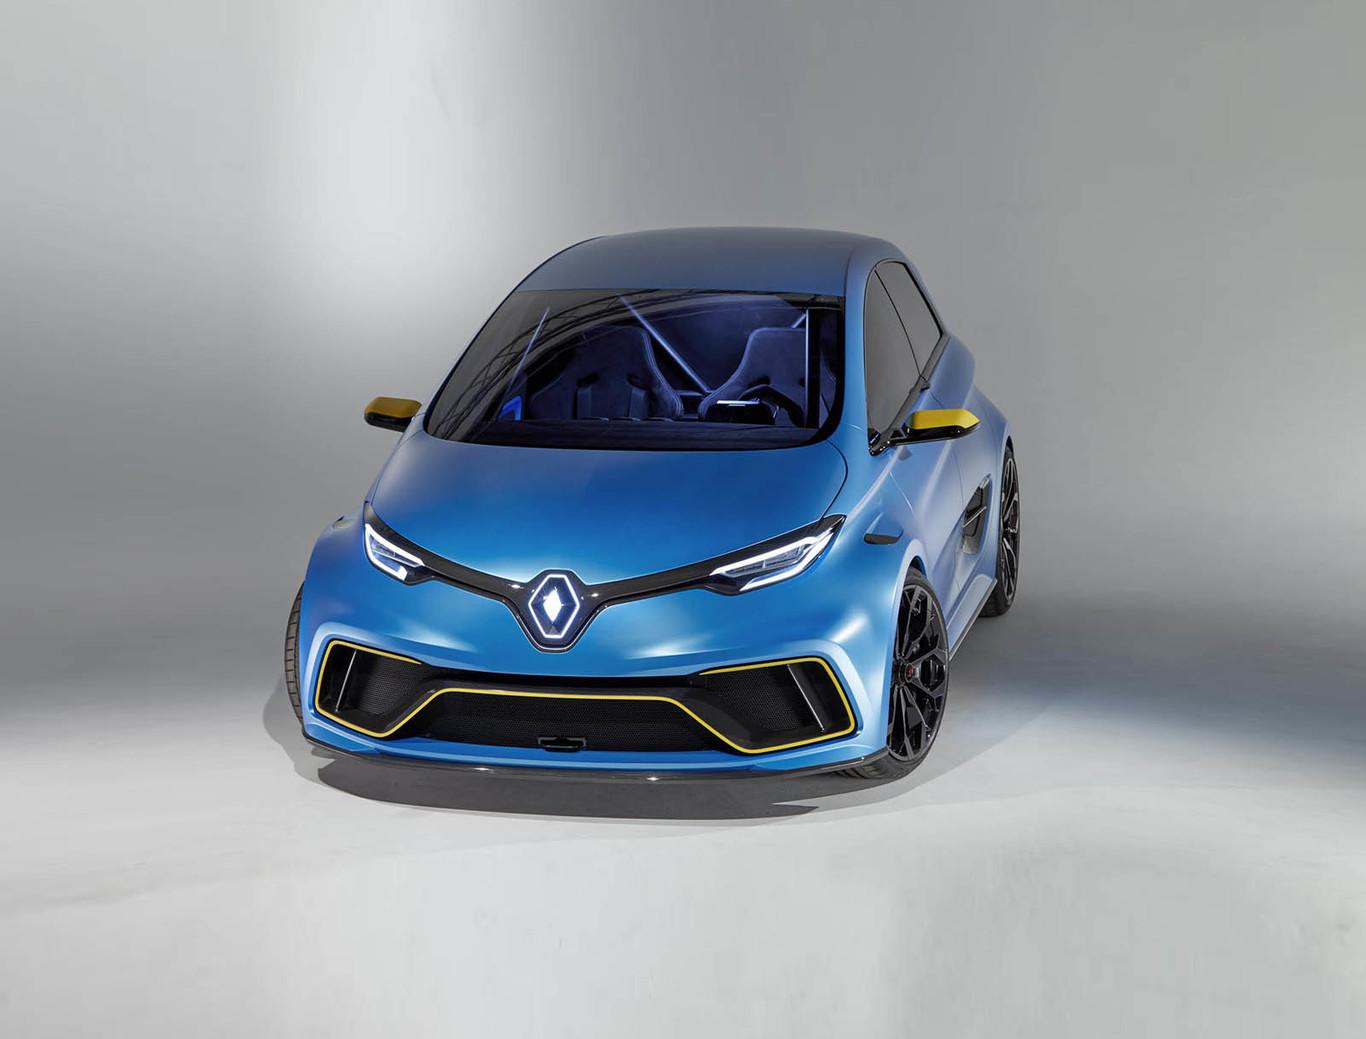 La versión RS del Renault ZOE podría hacerse realidad, pero solo con baterías de estado sólido